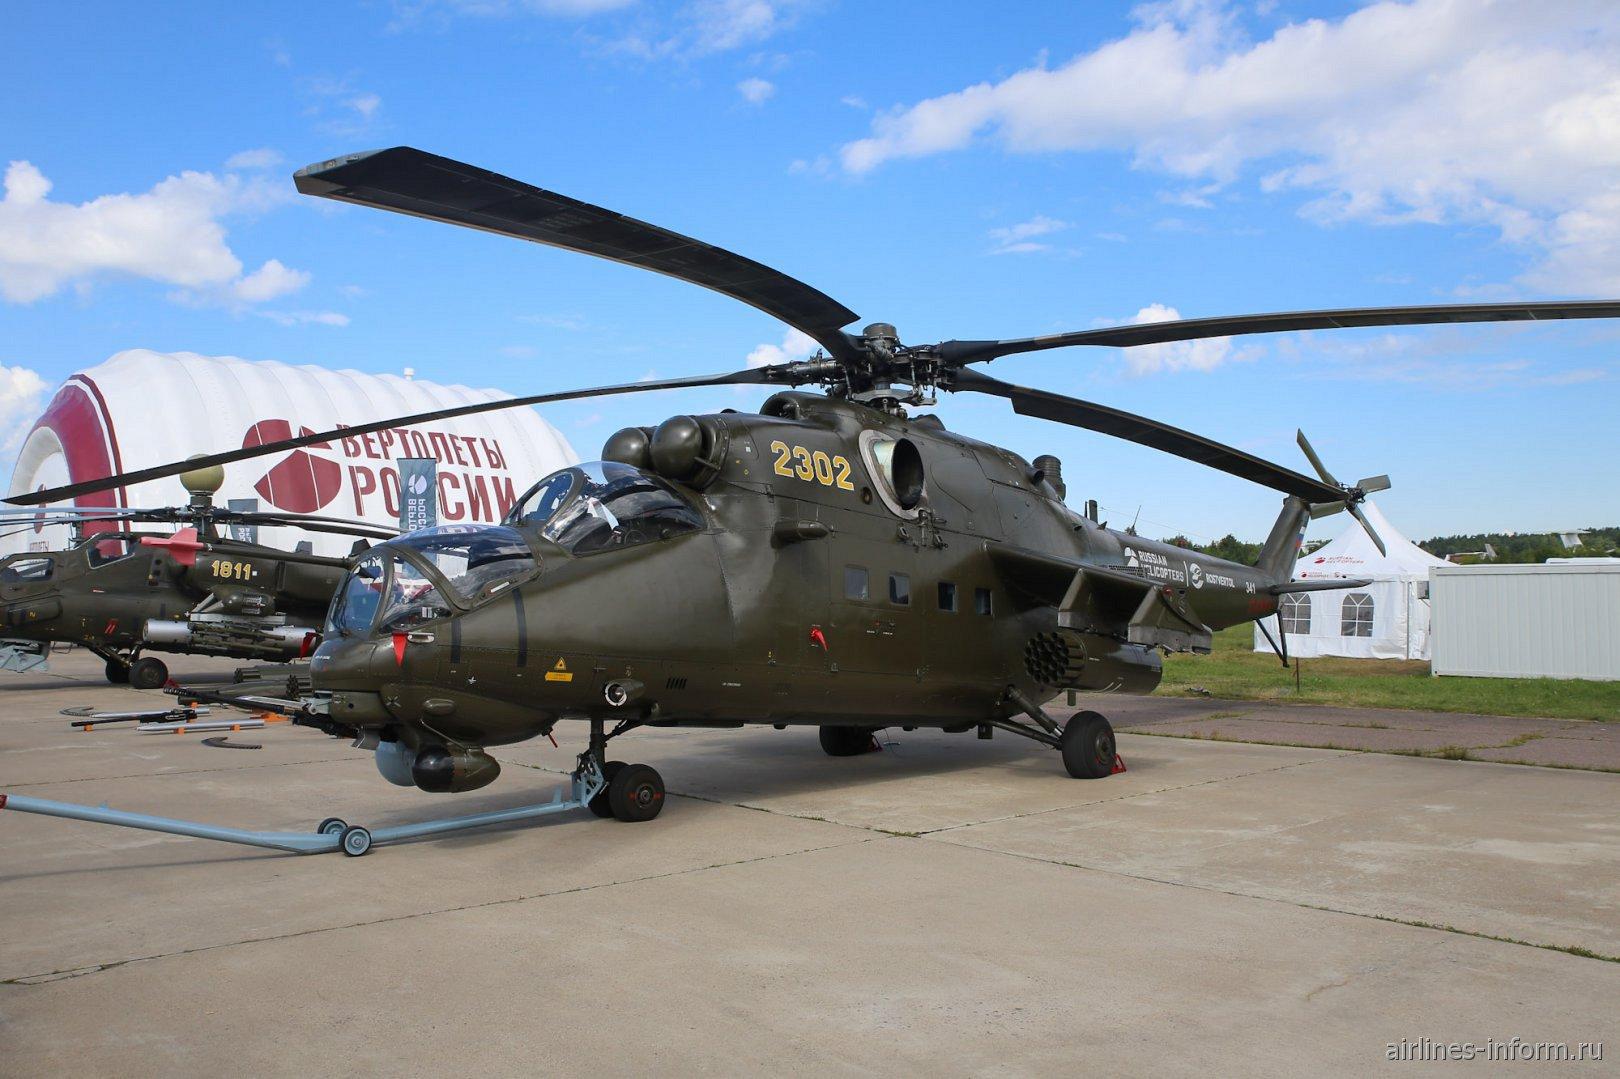 Вертолет Ми-35 на авиасалоне МАКС-2017